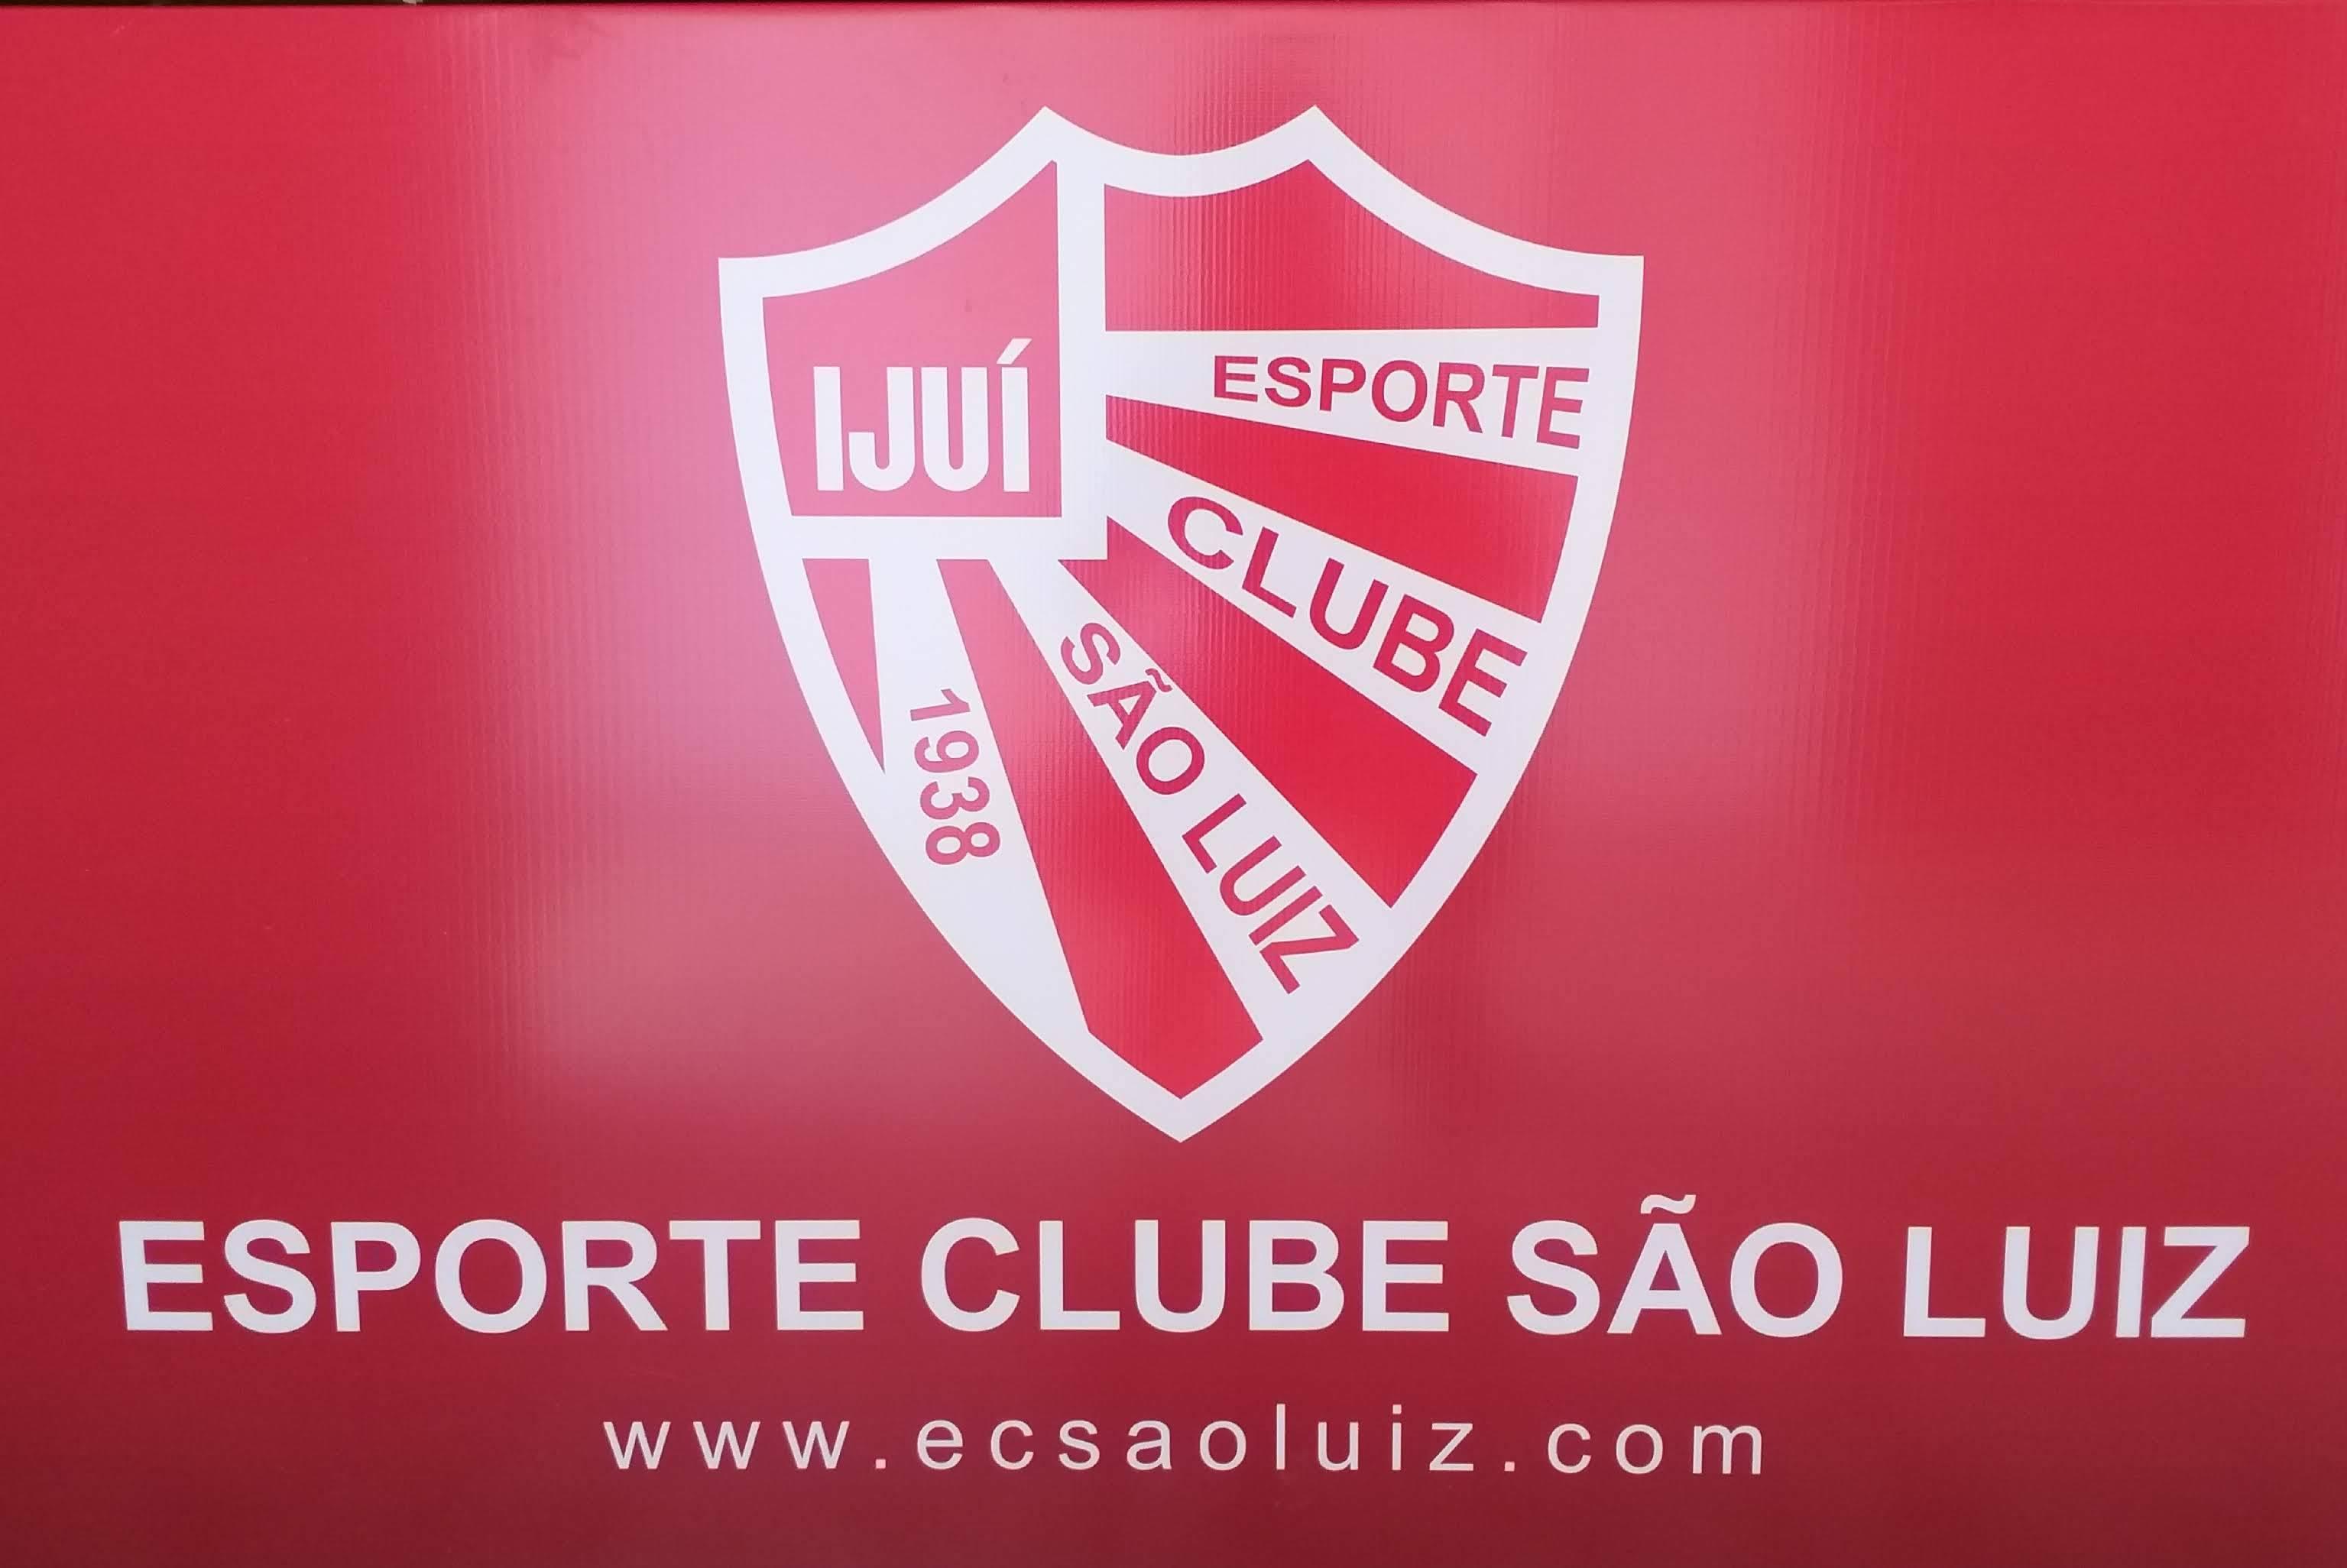 TJD-RS confirma perda de 6 pontos do Ypiranga no Gauchão sub-17 e São Luiz depende apenas de si